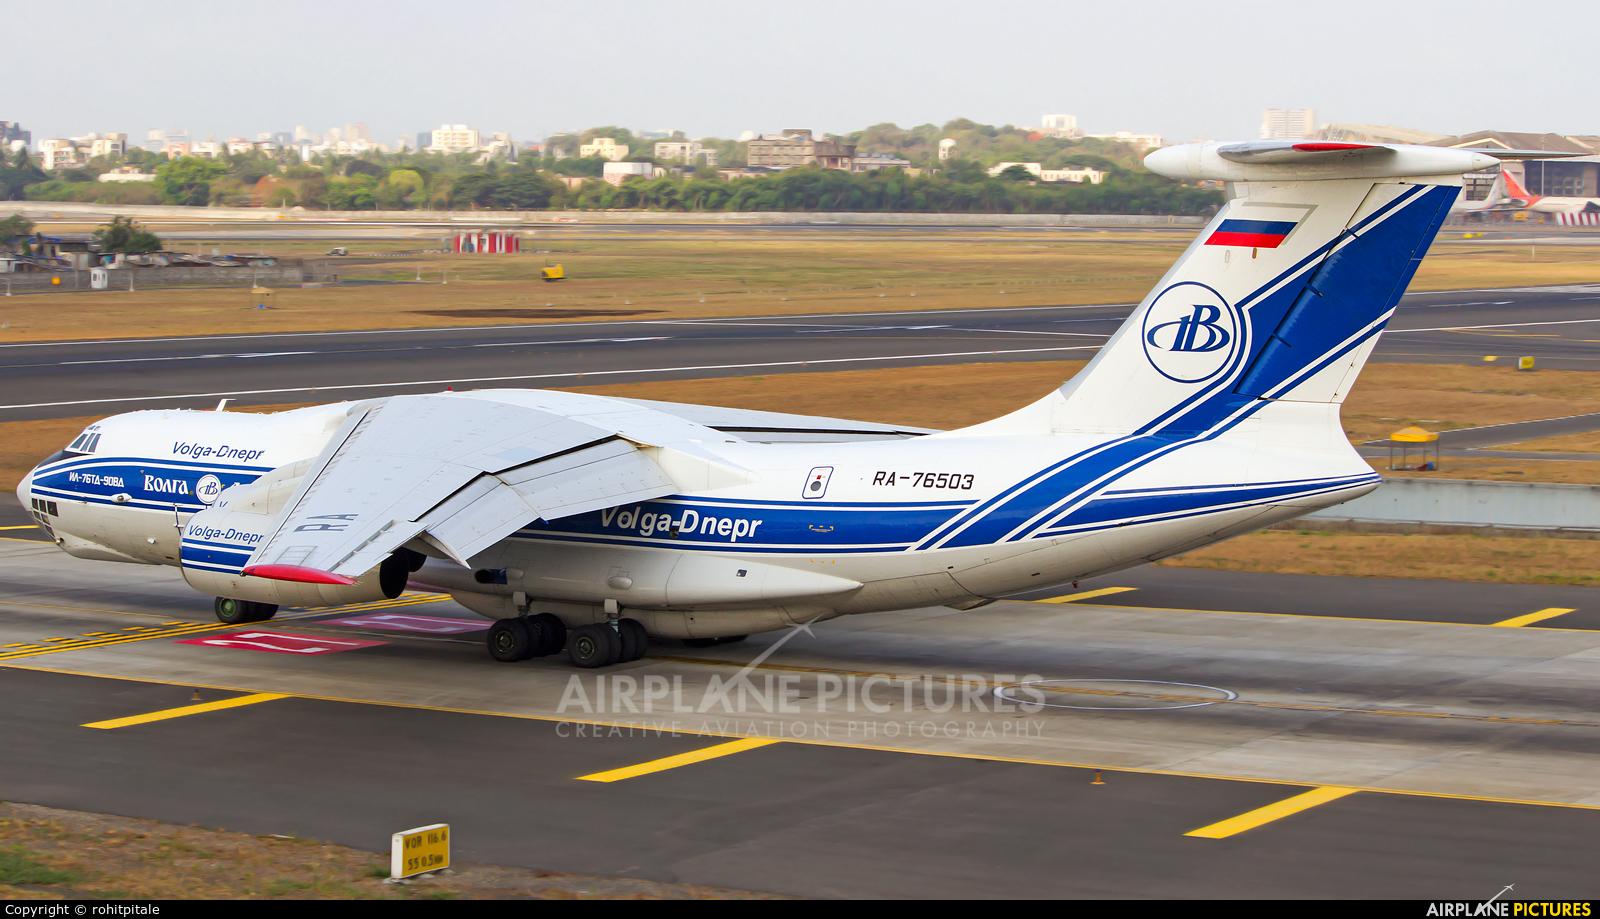 Volga Dnepr Airlines RA-76503 aircraft at Mumbai - Chhatrapati Shivaji Intl